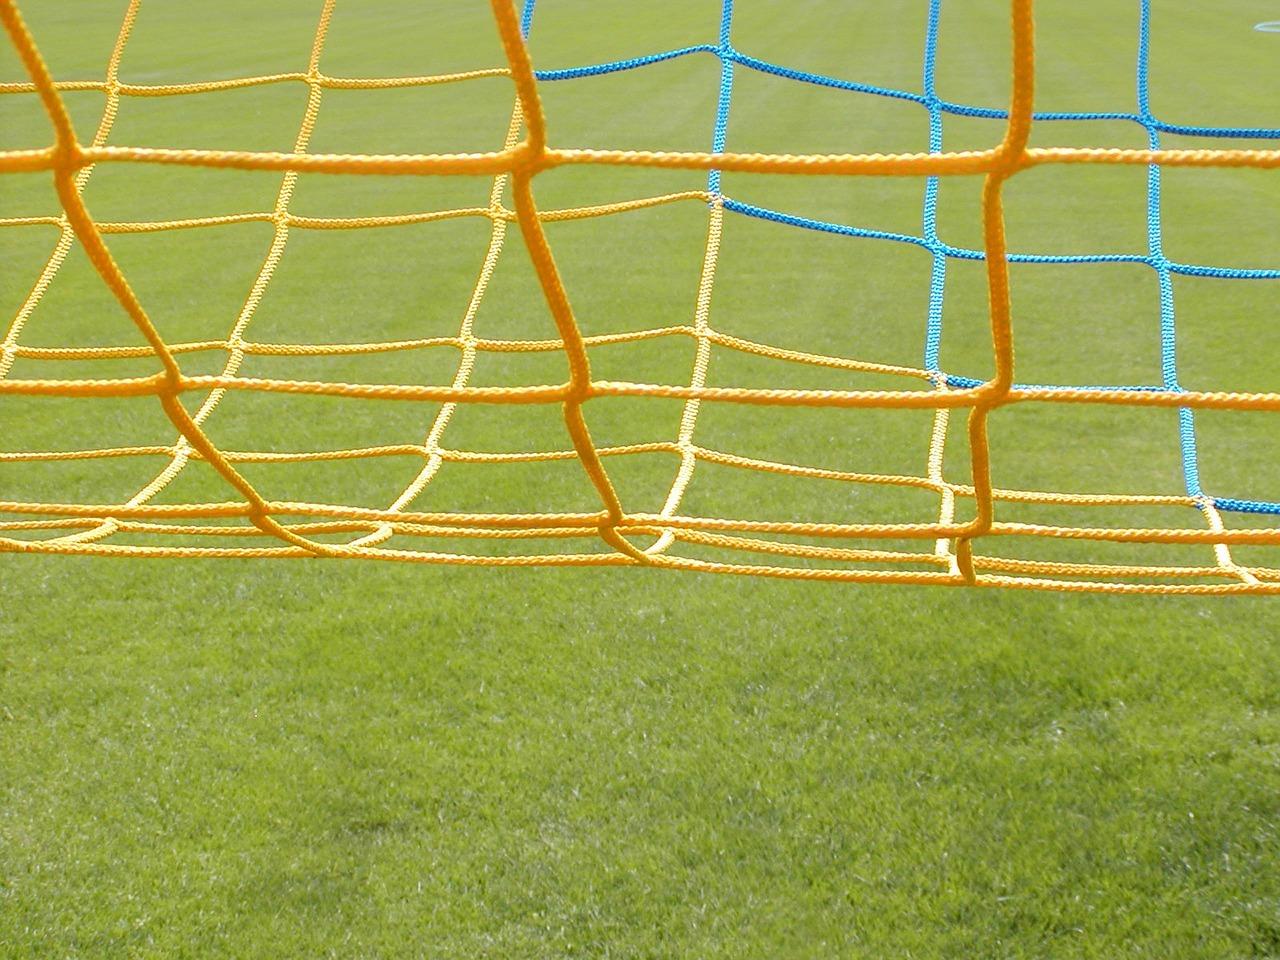 Kdy a kam za sportem v Jindřichově Hradci? (Sport Romana Pišného)